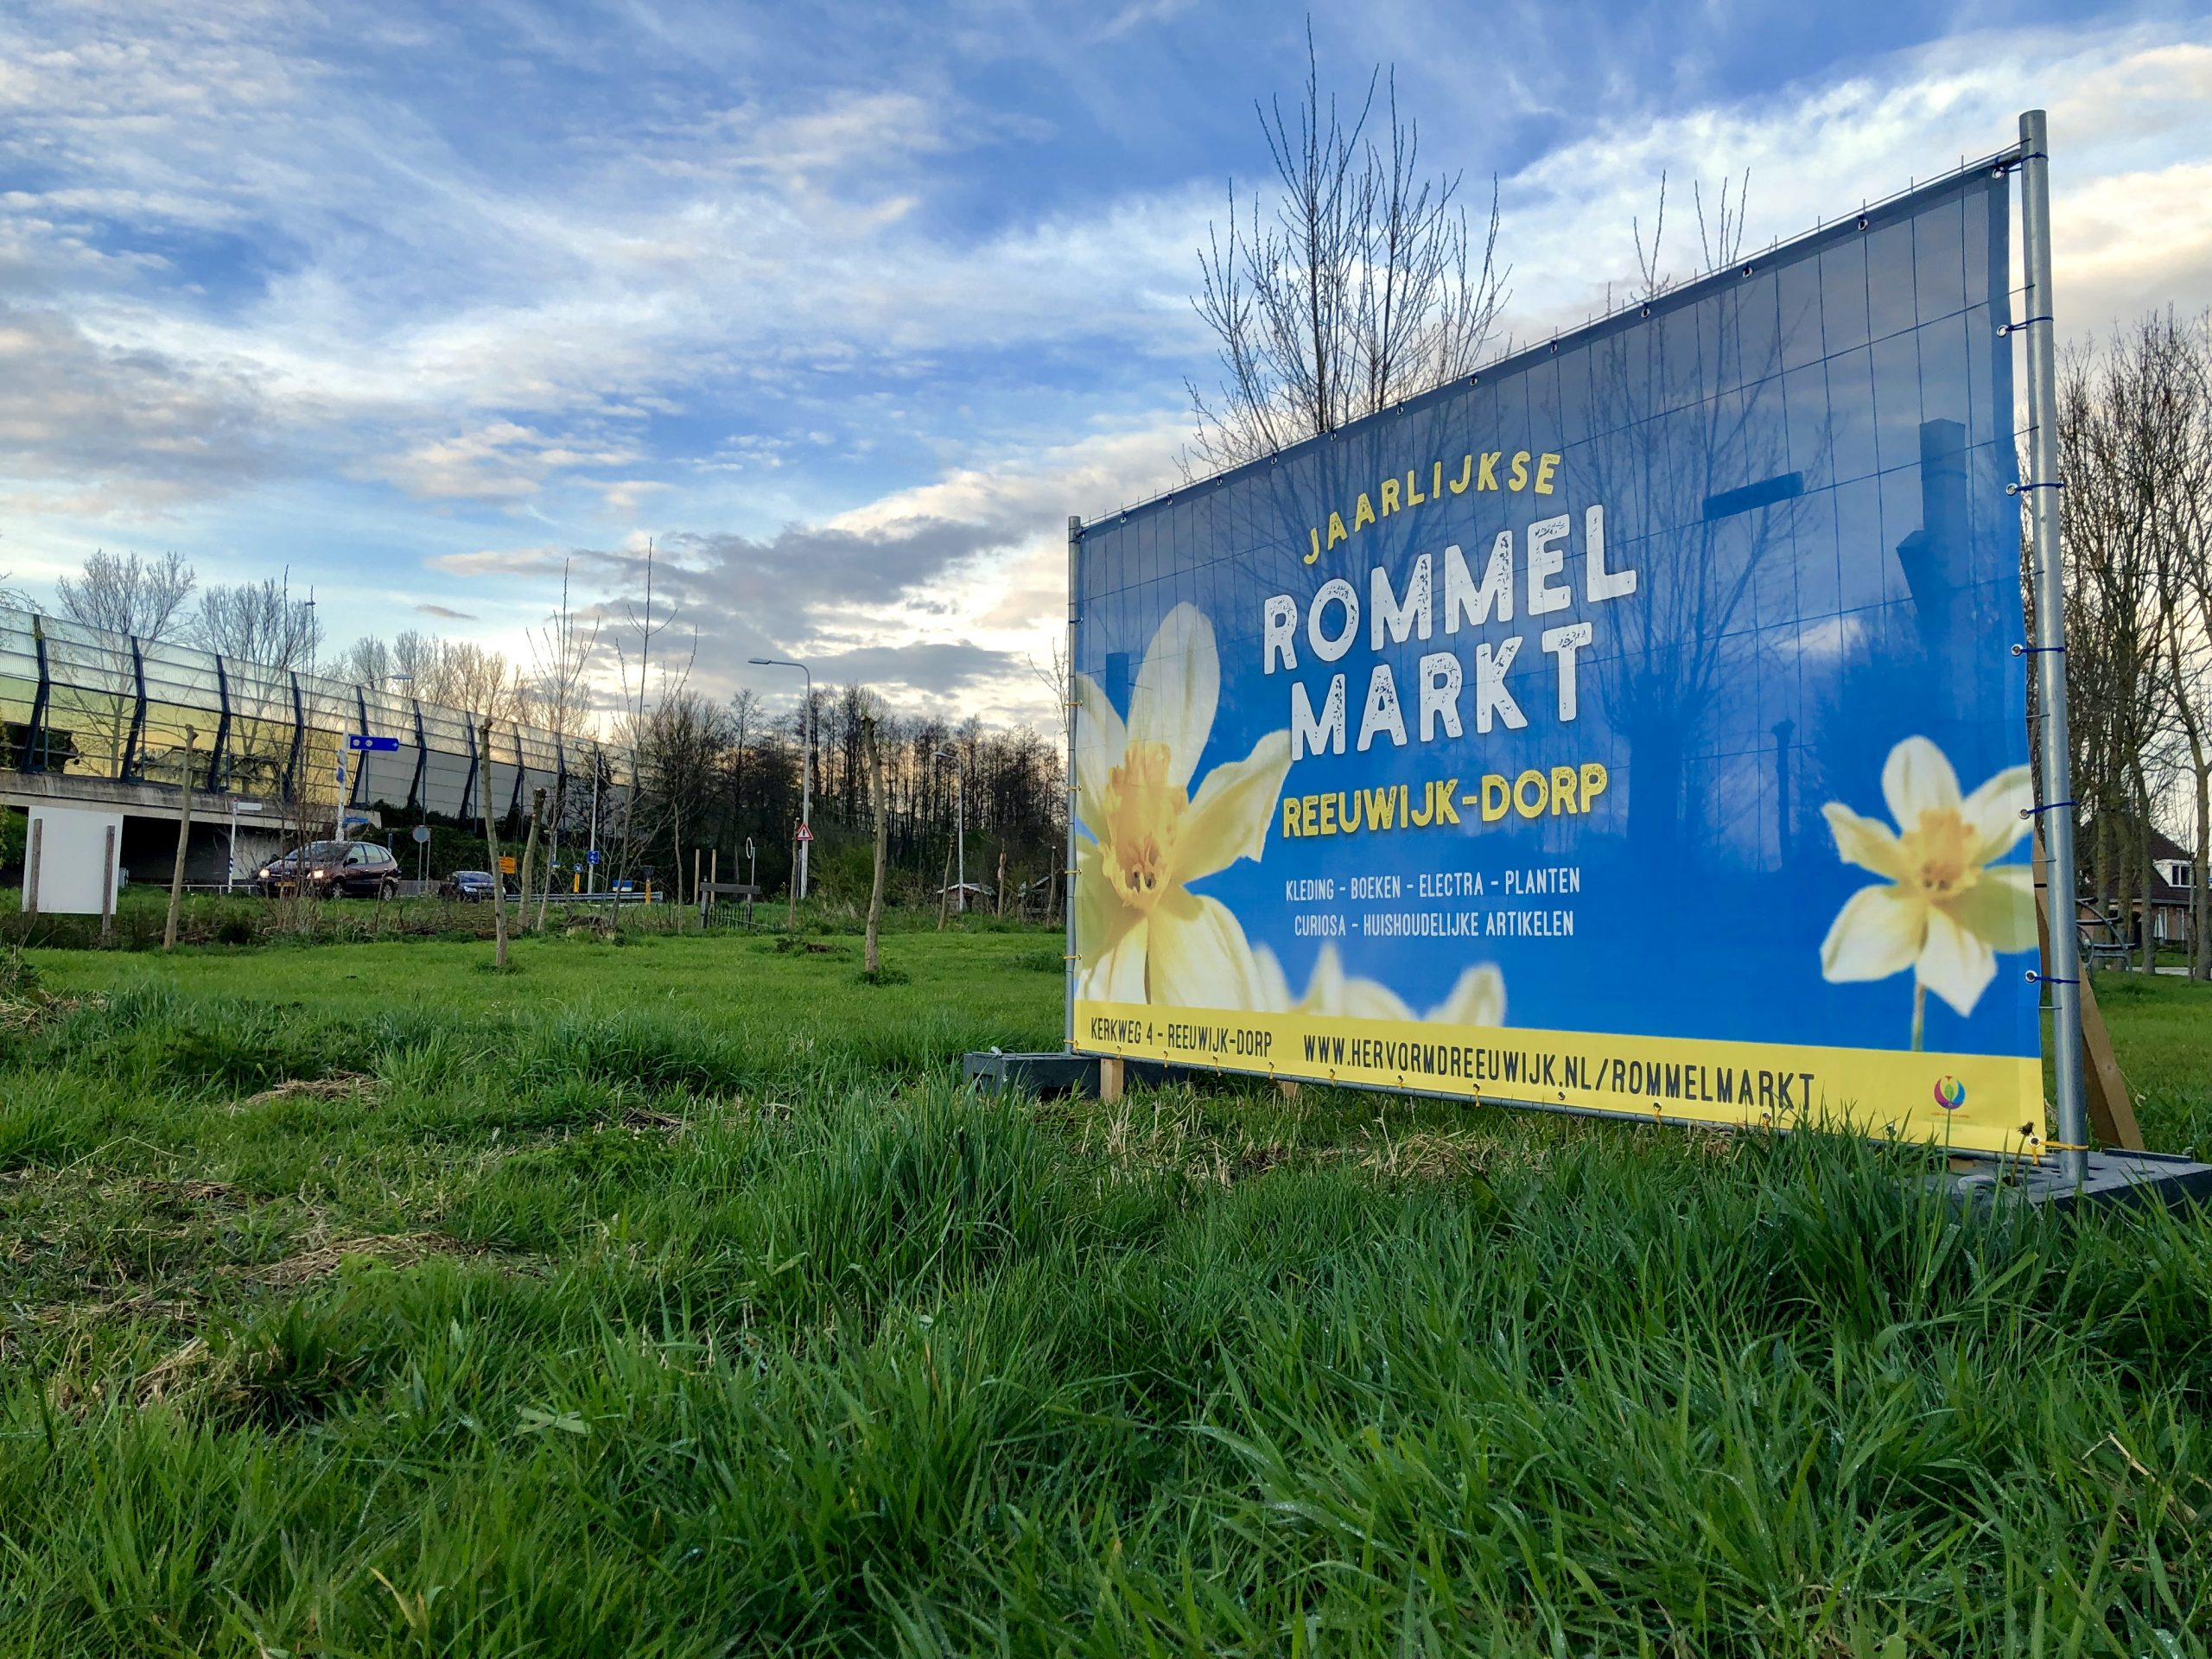 Bouwhekdoek Jaarlijkse Rommelmarkt Reeuwijk